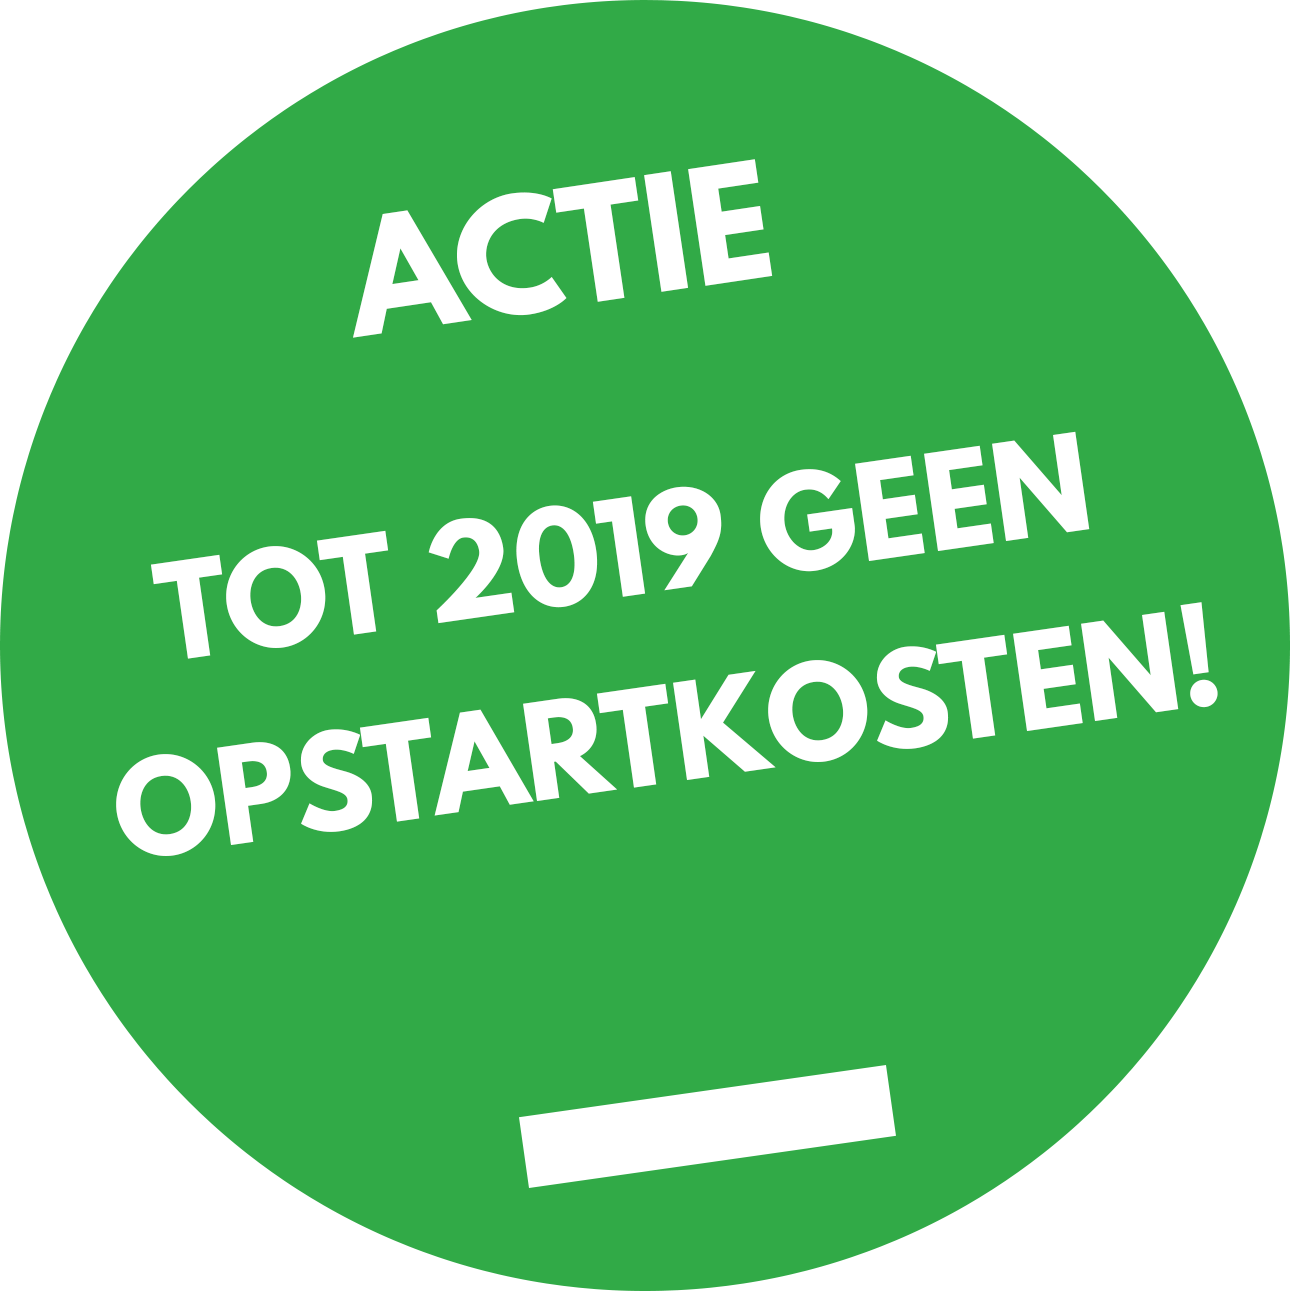 Actie 2019